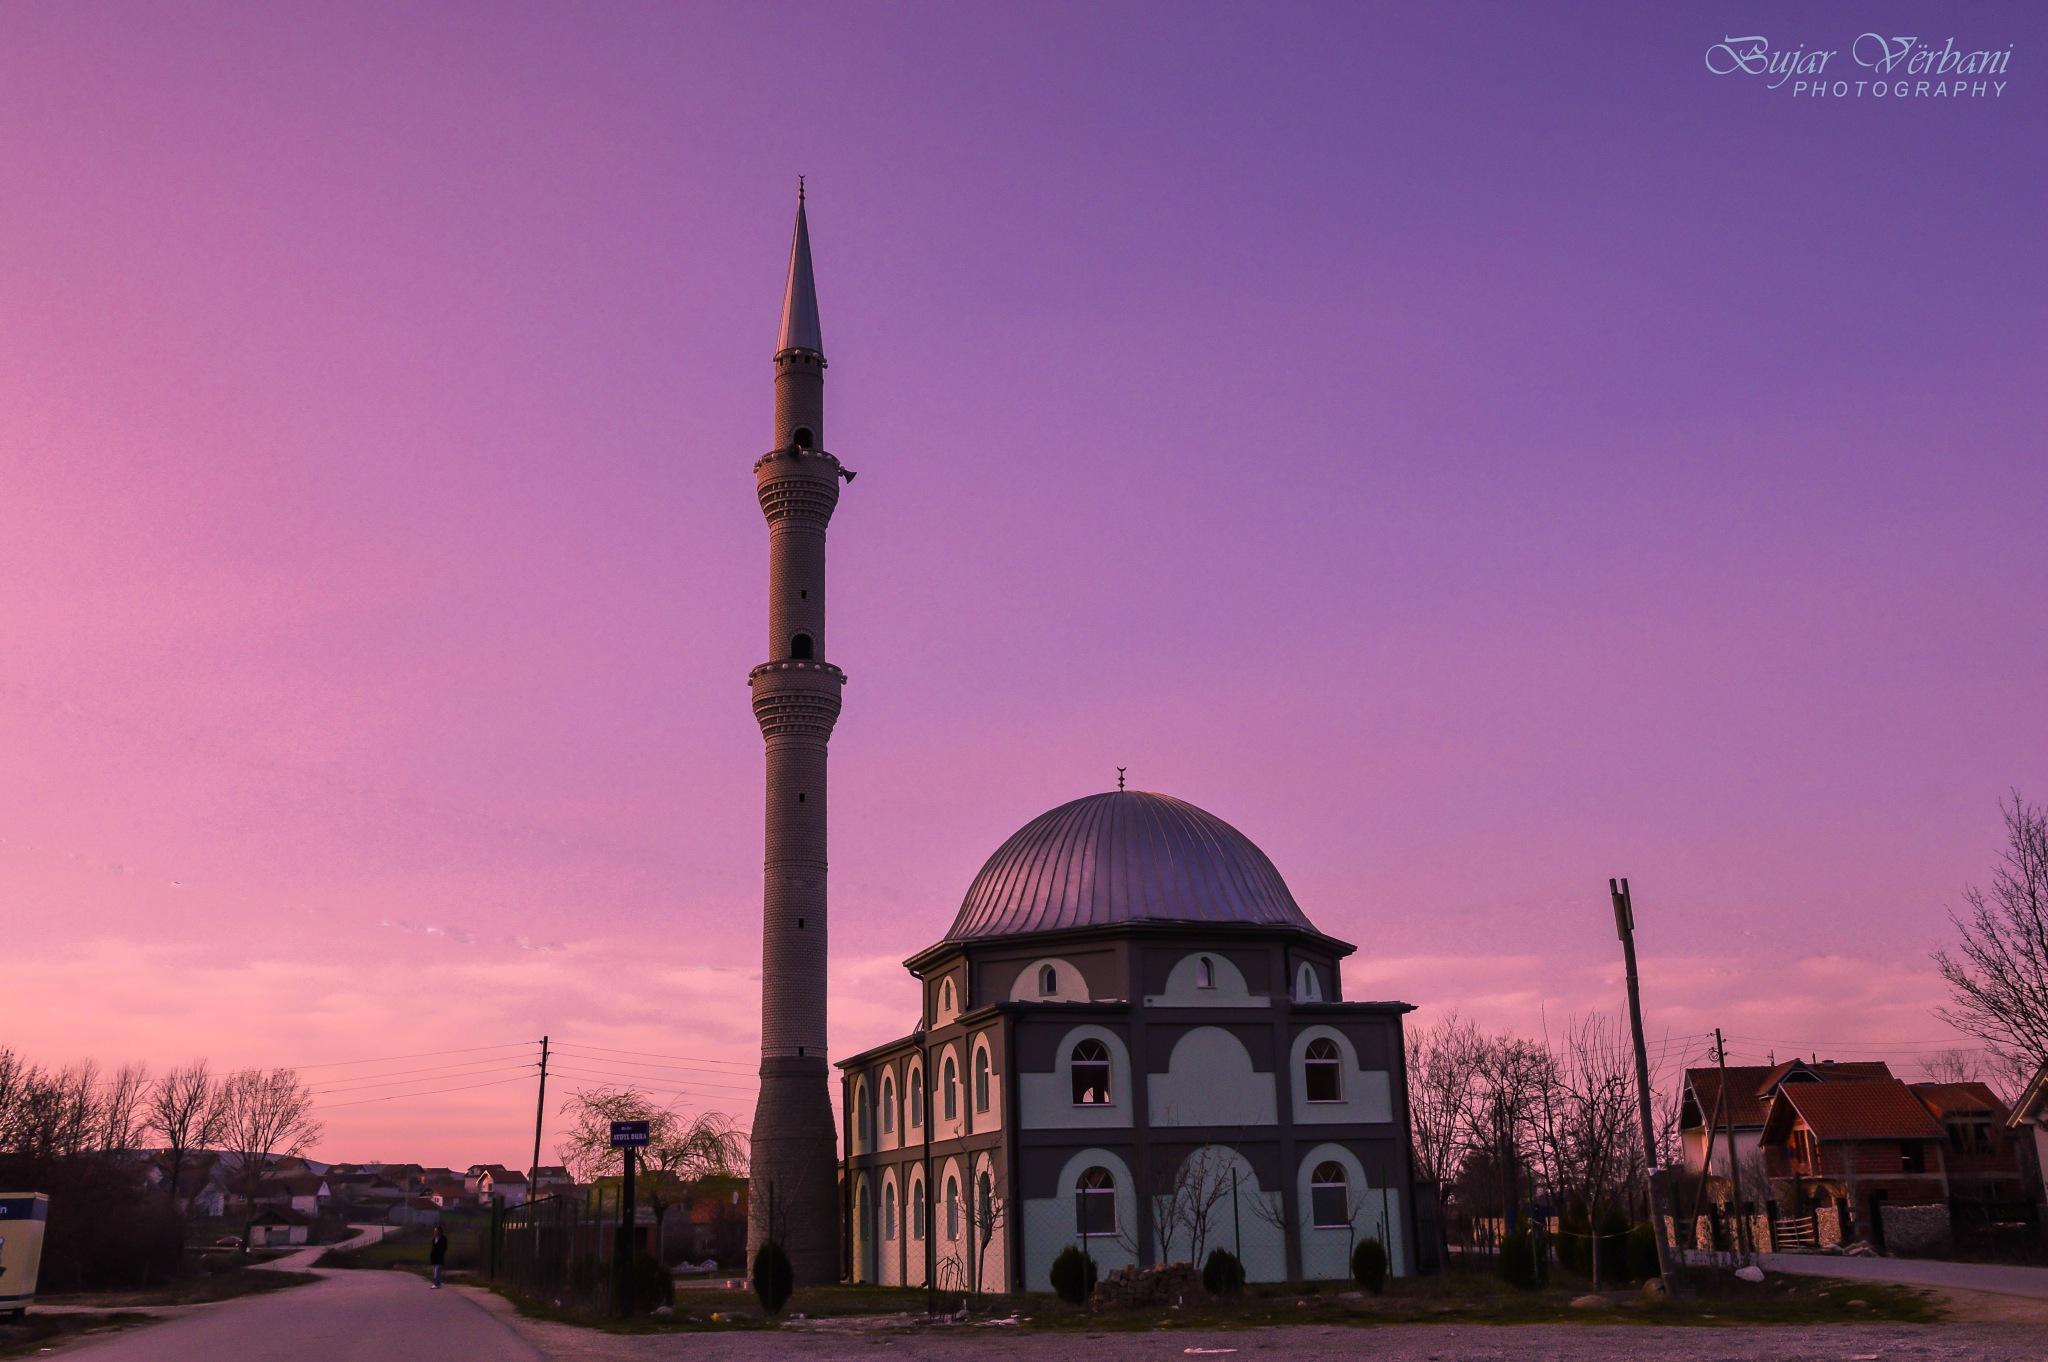 The Mosque by Bujar Vërbani